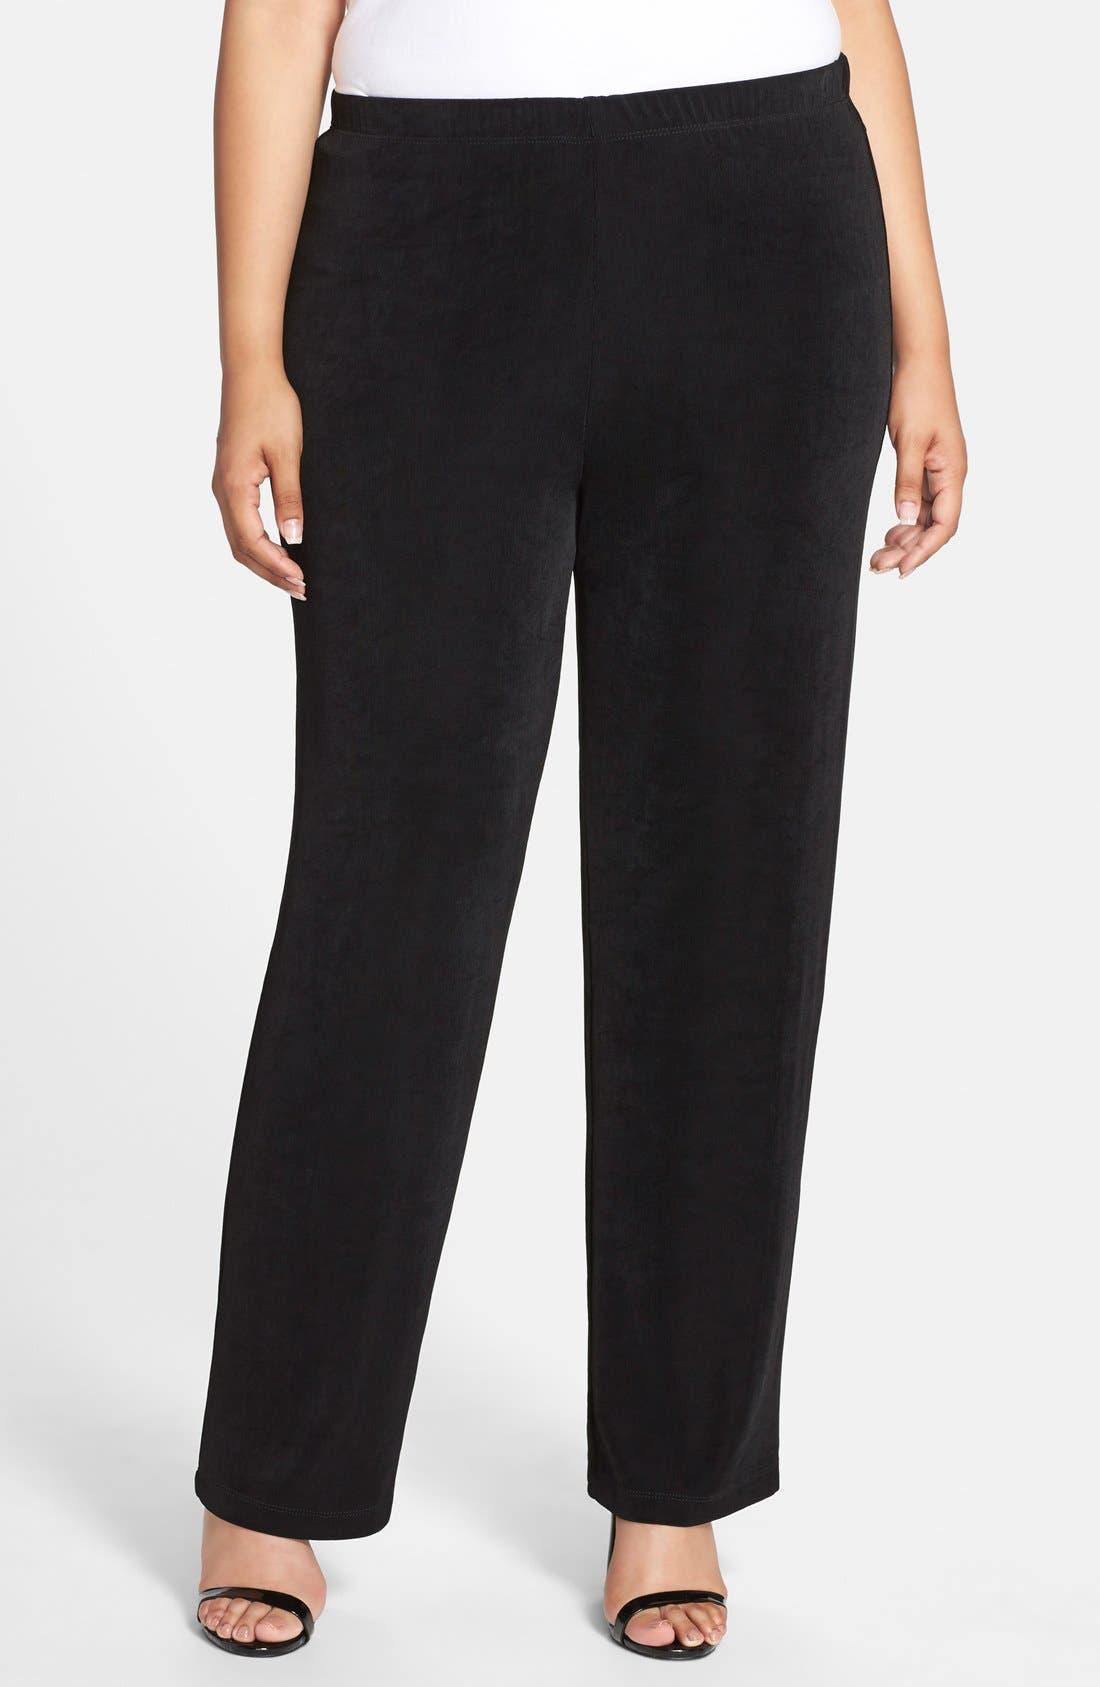 VIKKI VI, High Rise Pull-On Pants, Main thumbnail 1, color, BLACK